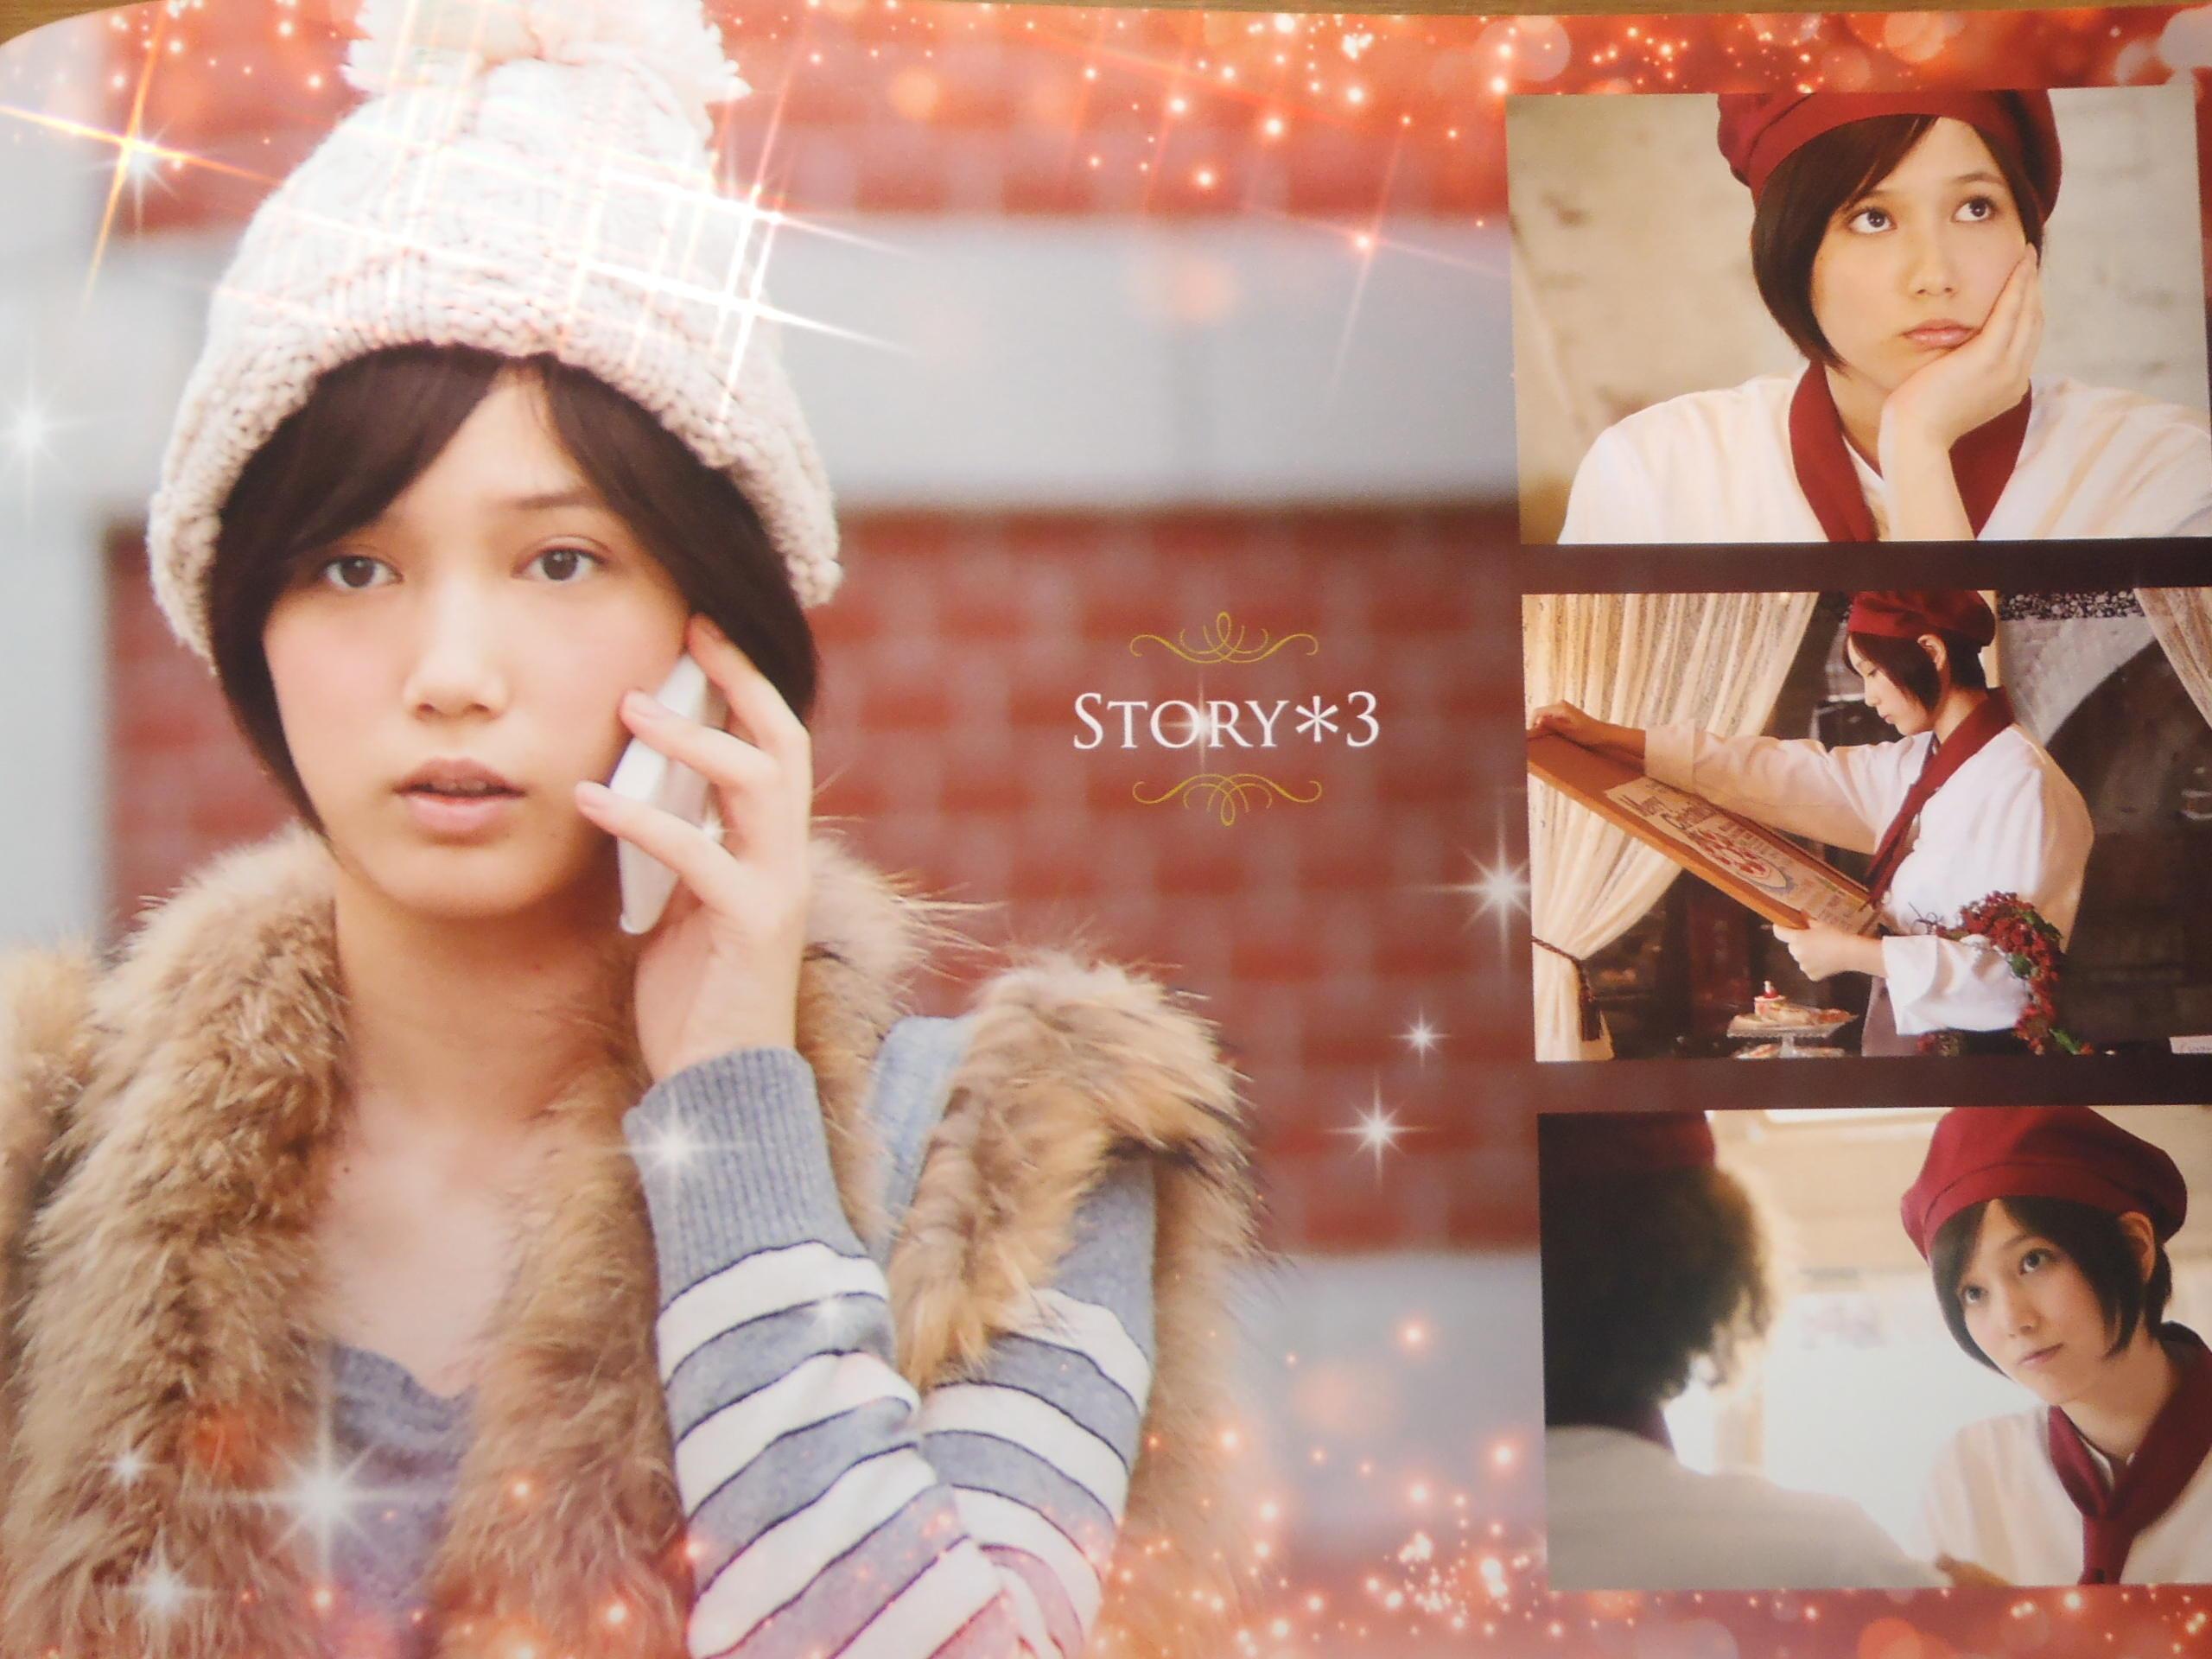 本田翼が女優として出演する映画まとめ!モデルとは違った表情も!のサムネイル画像